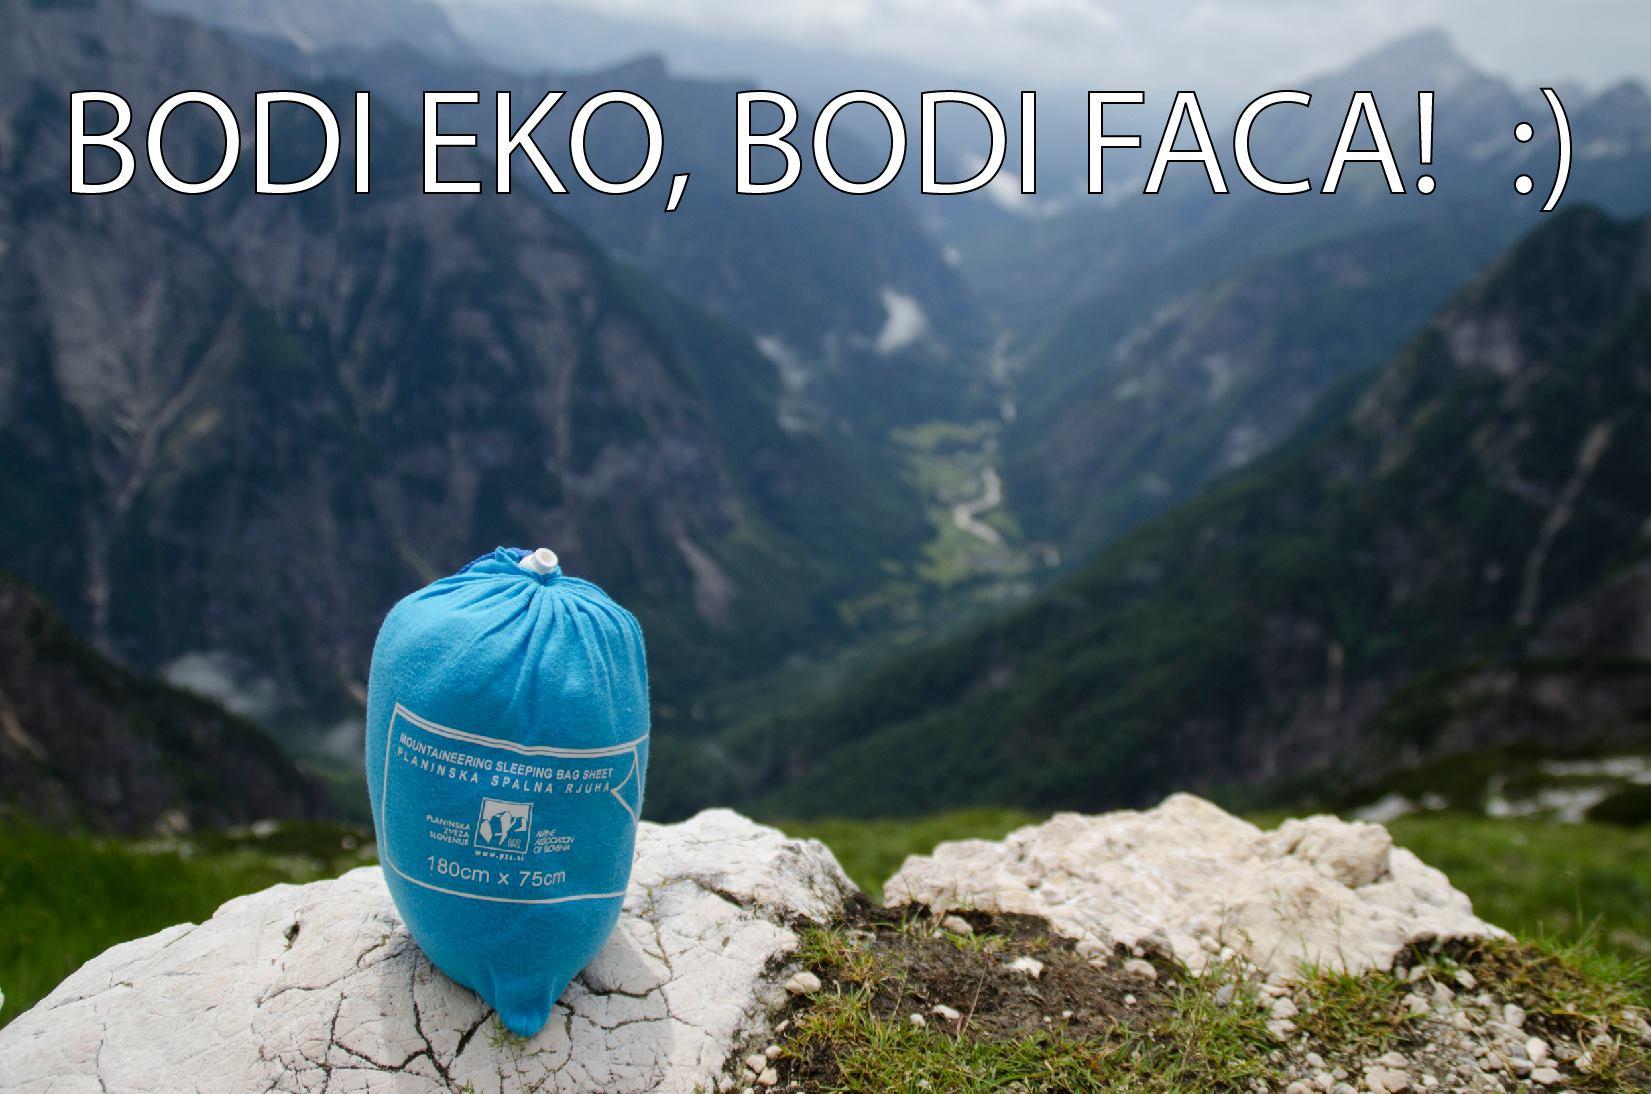 spalna_rjuha_bodi_eko_bodi_faca